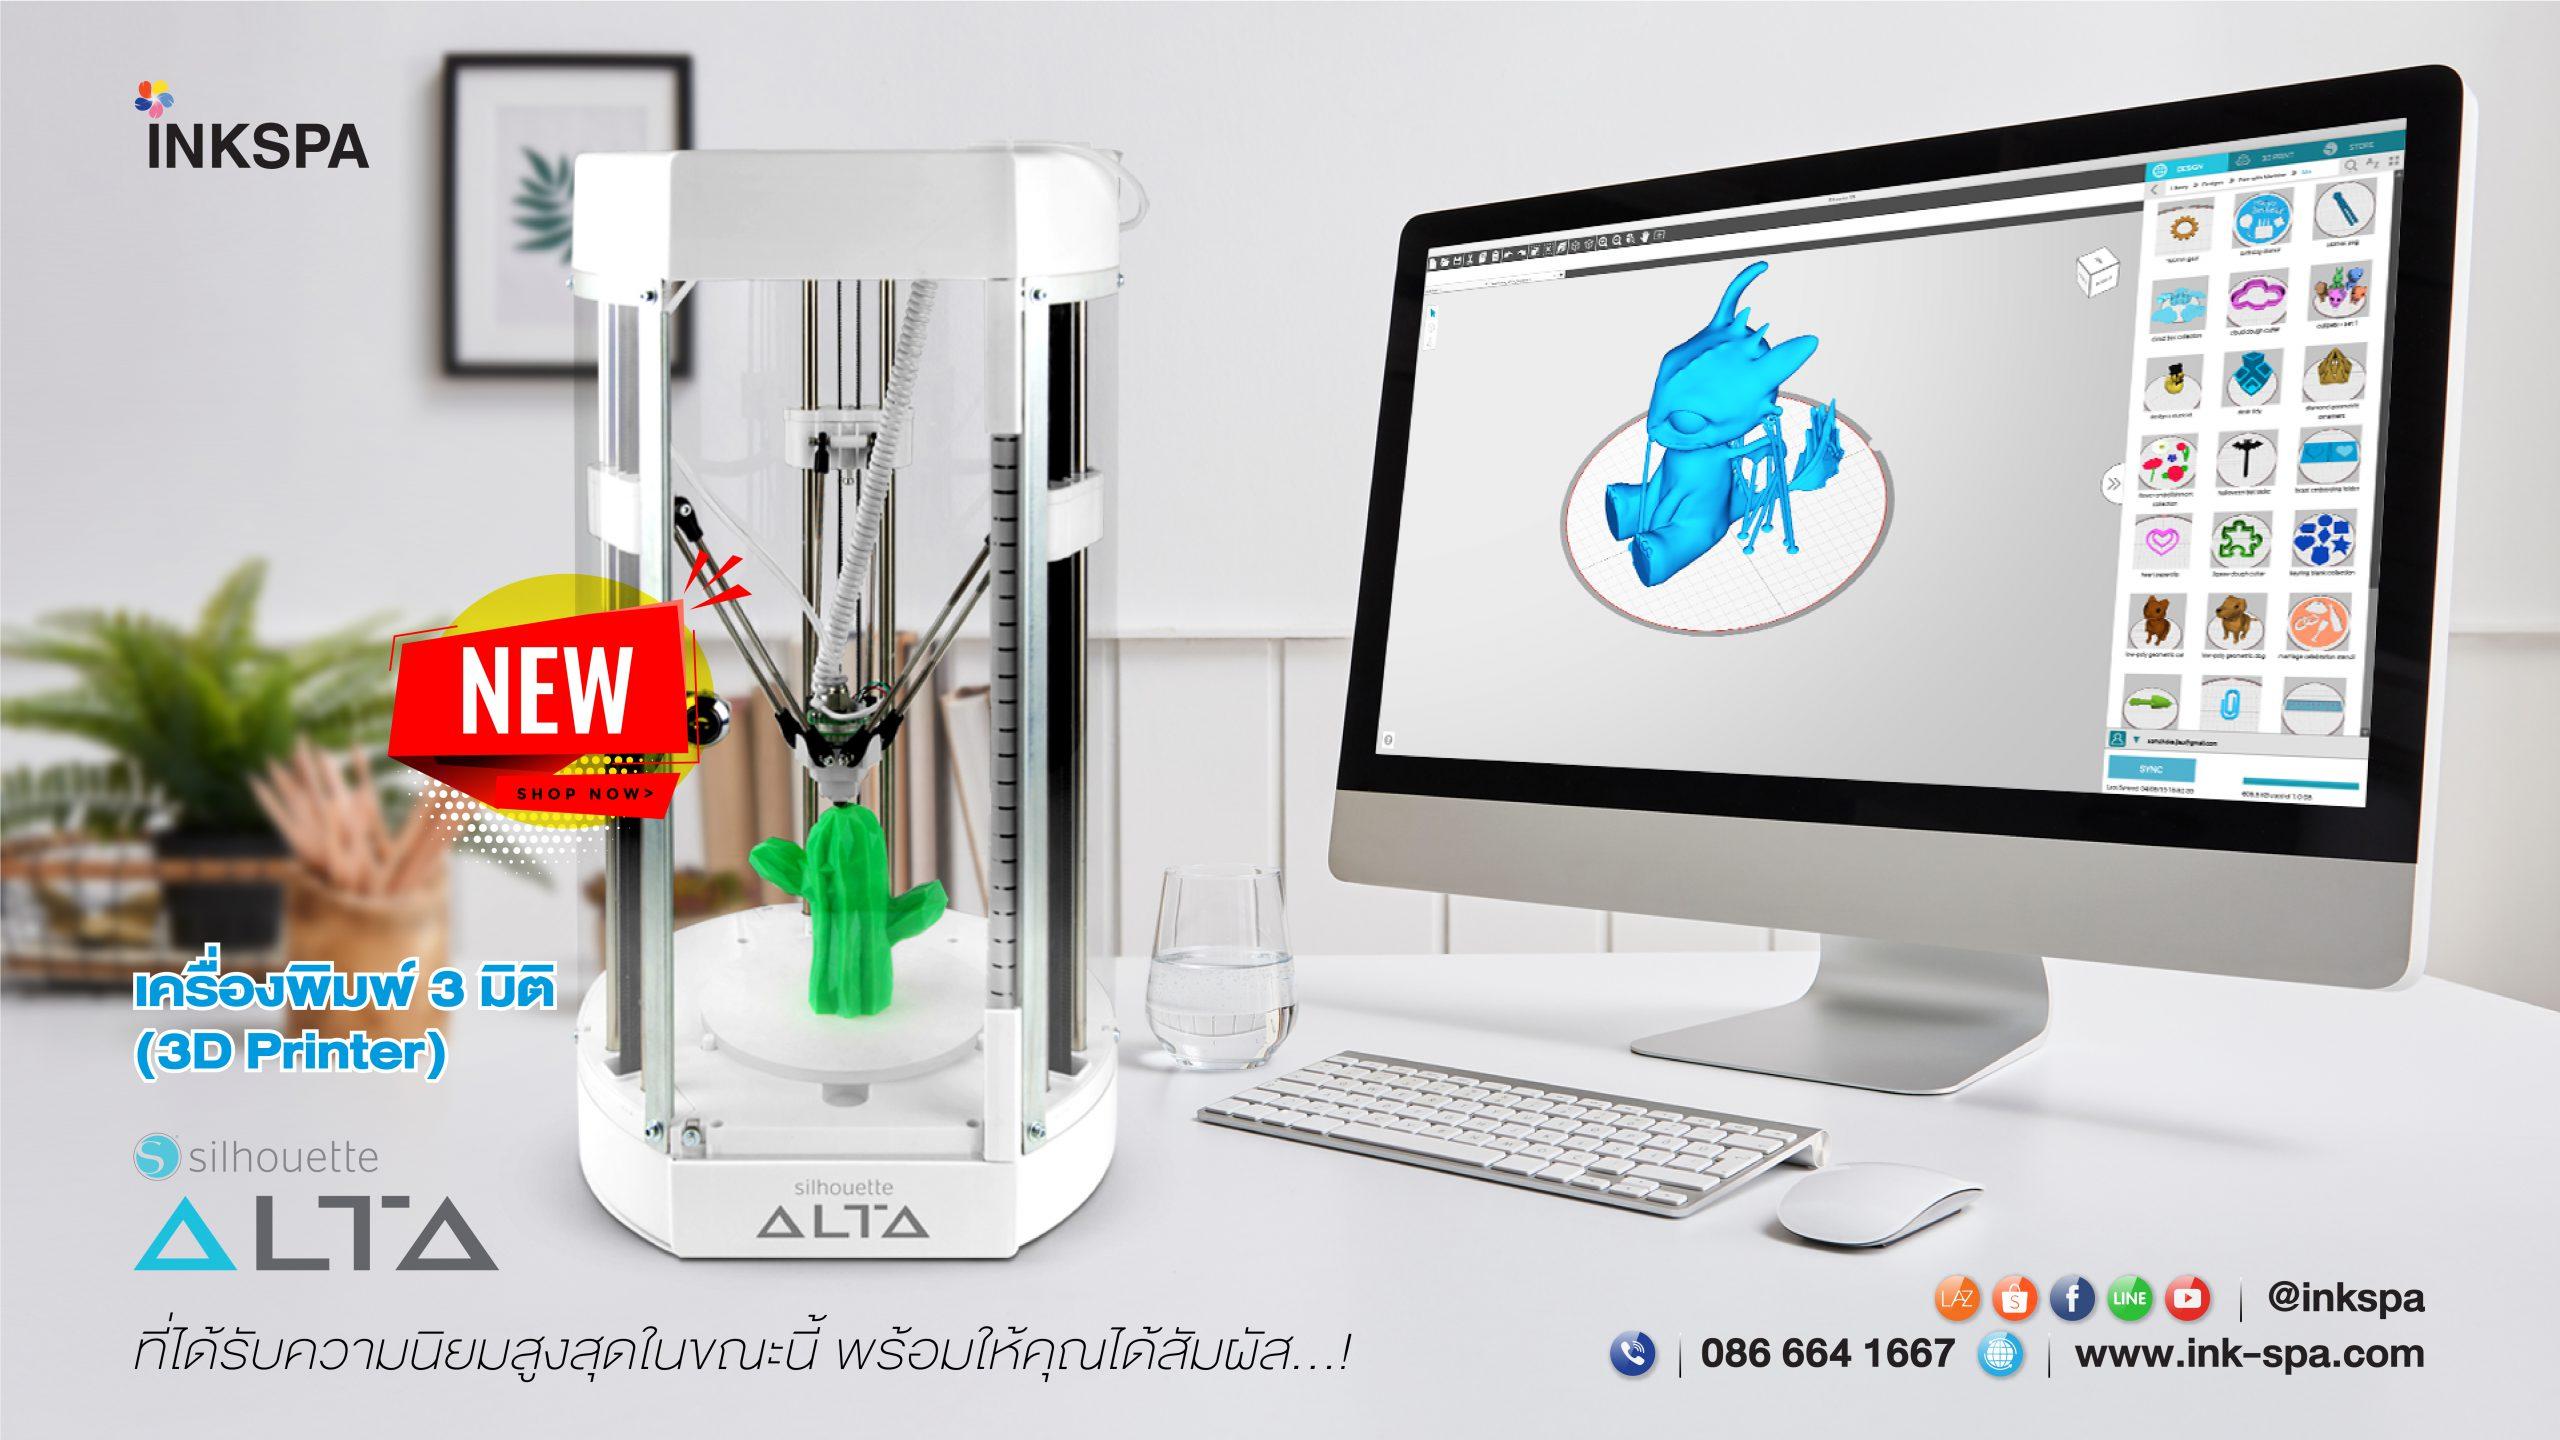 เครื่องพิมพ์ 3 มิติ เครื่องพิมพ์ 3D งานDIY 3D Printer เครื่องพิมพ์ ALTA